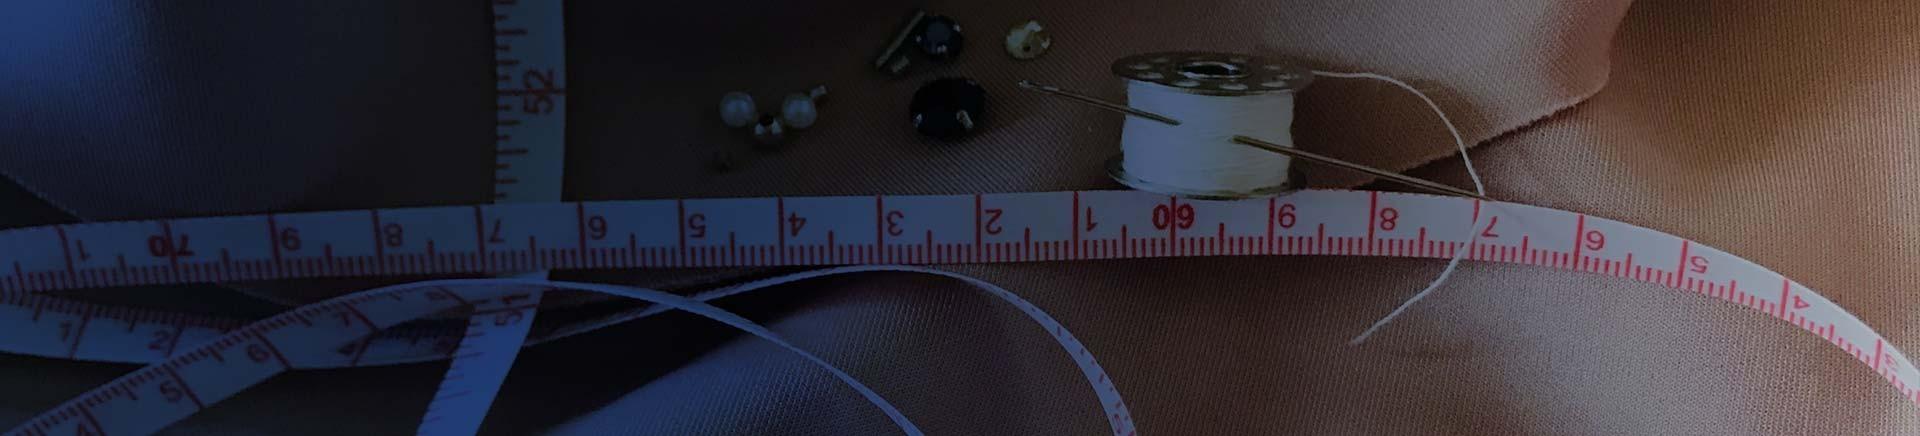 Nähzubehör – Klettbänder online kaufen | JAVRO Stoffmarkt